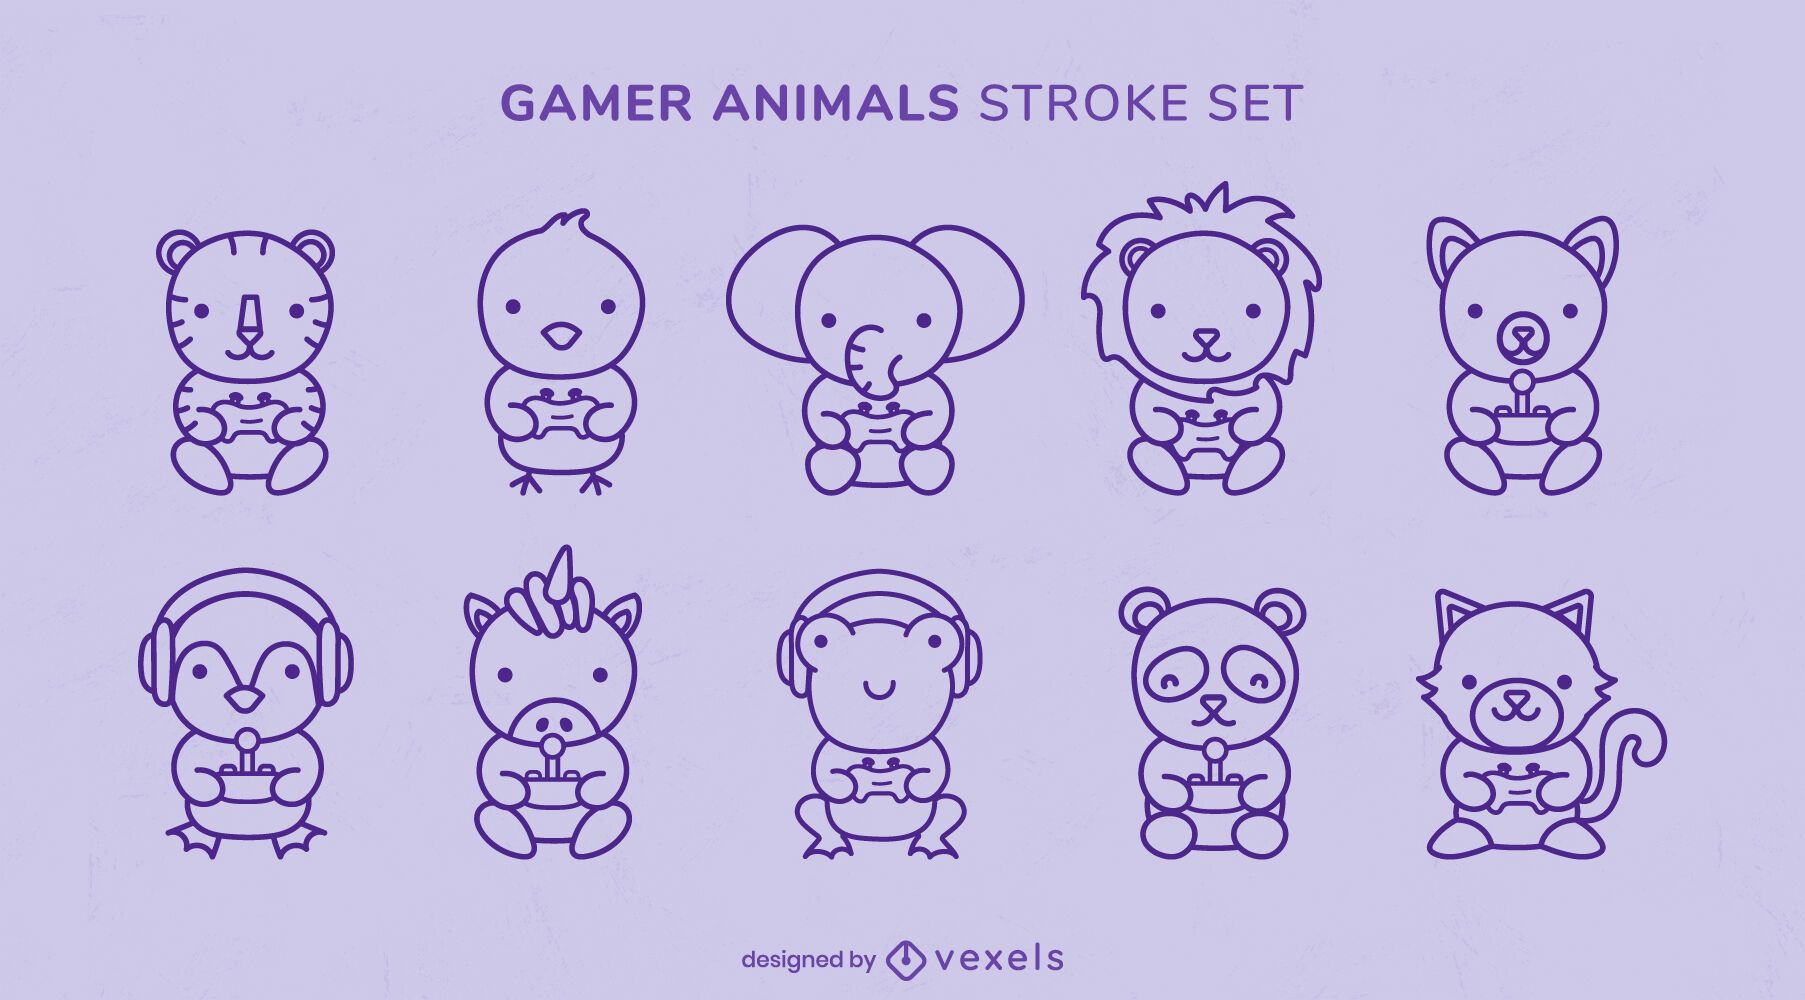 Juego de joystick para juegos de animales lindos